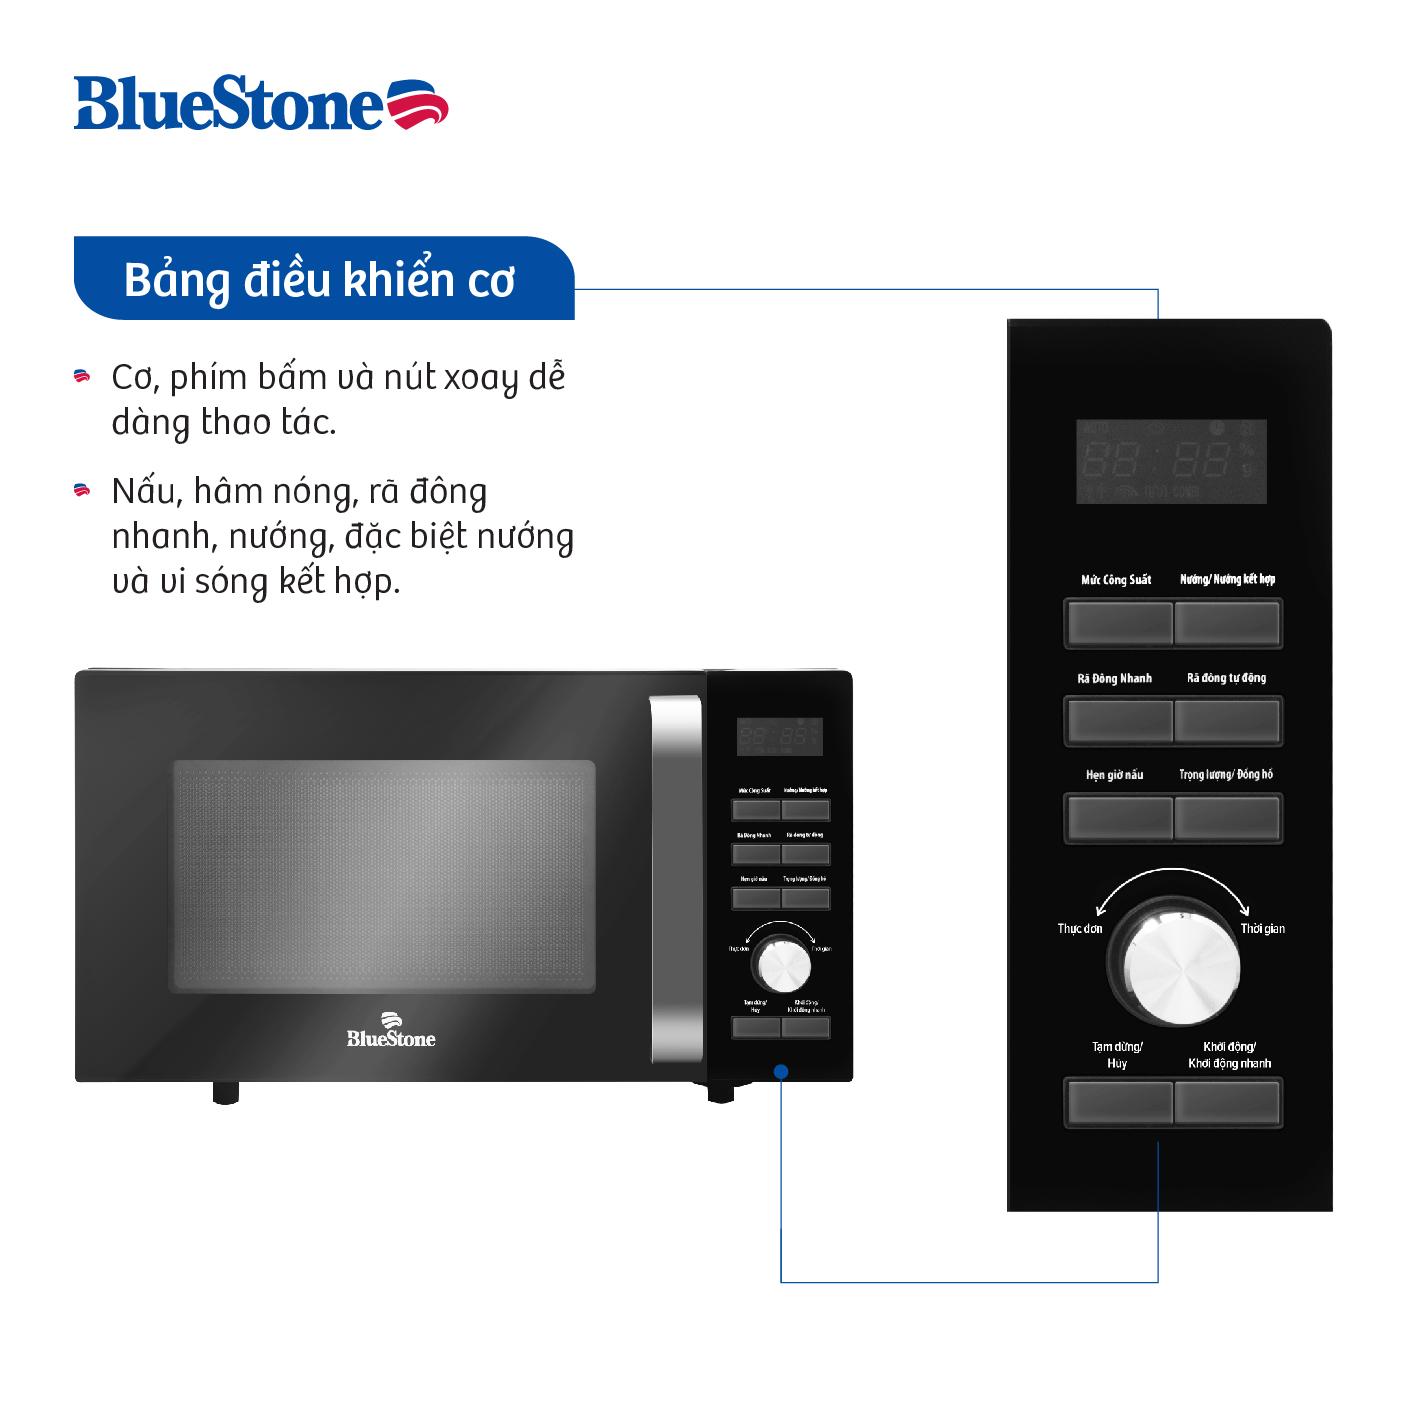 Lò Vi Sóng Bluestone MOB-7736 (23L) - Hàng chính hãng